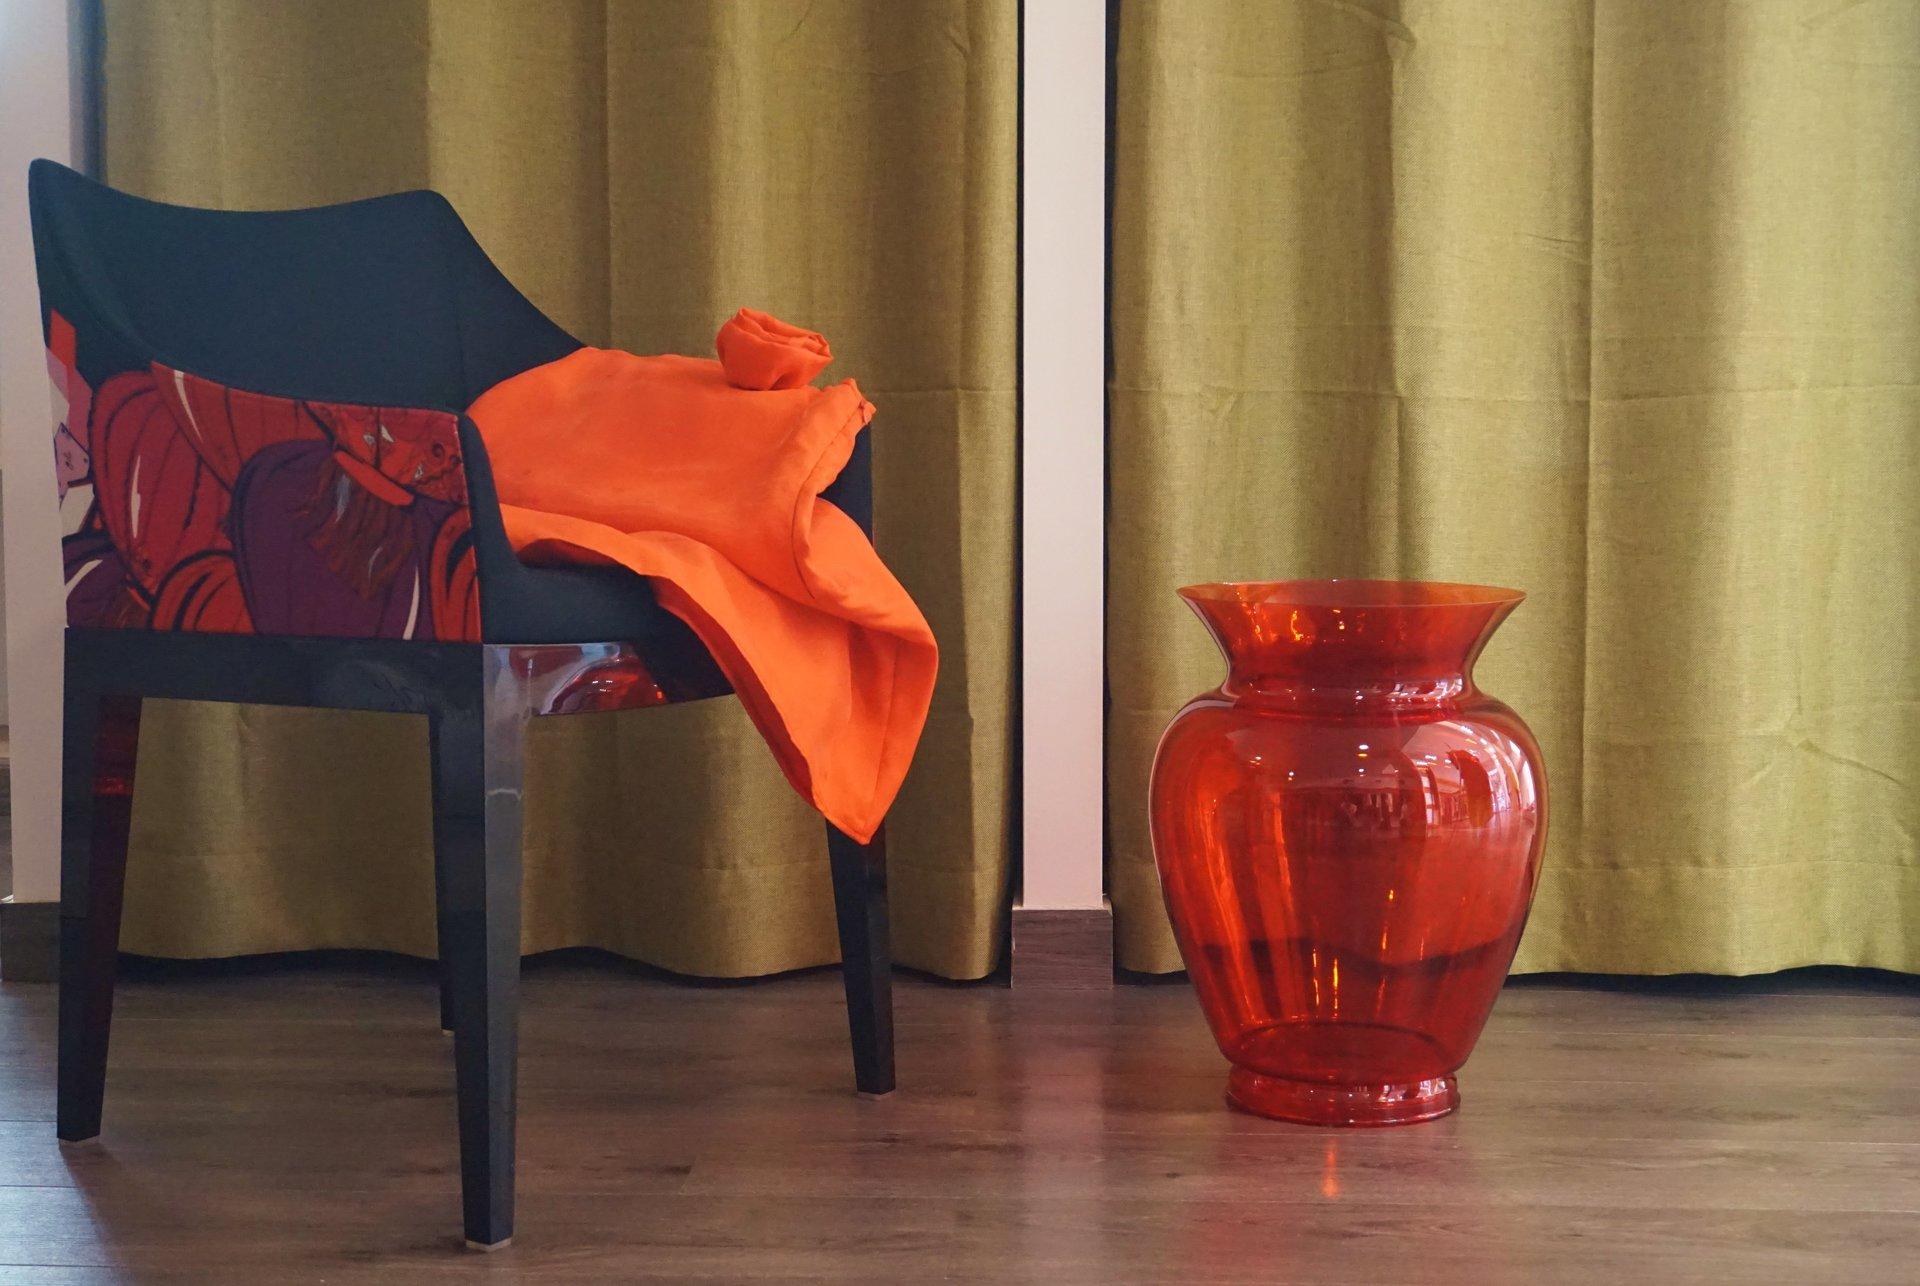 sedie nera con sopra panno arancione e vaso arancione